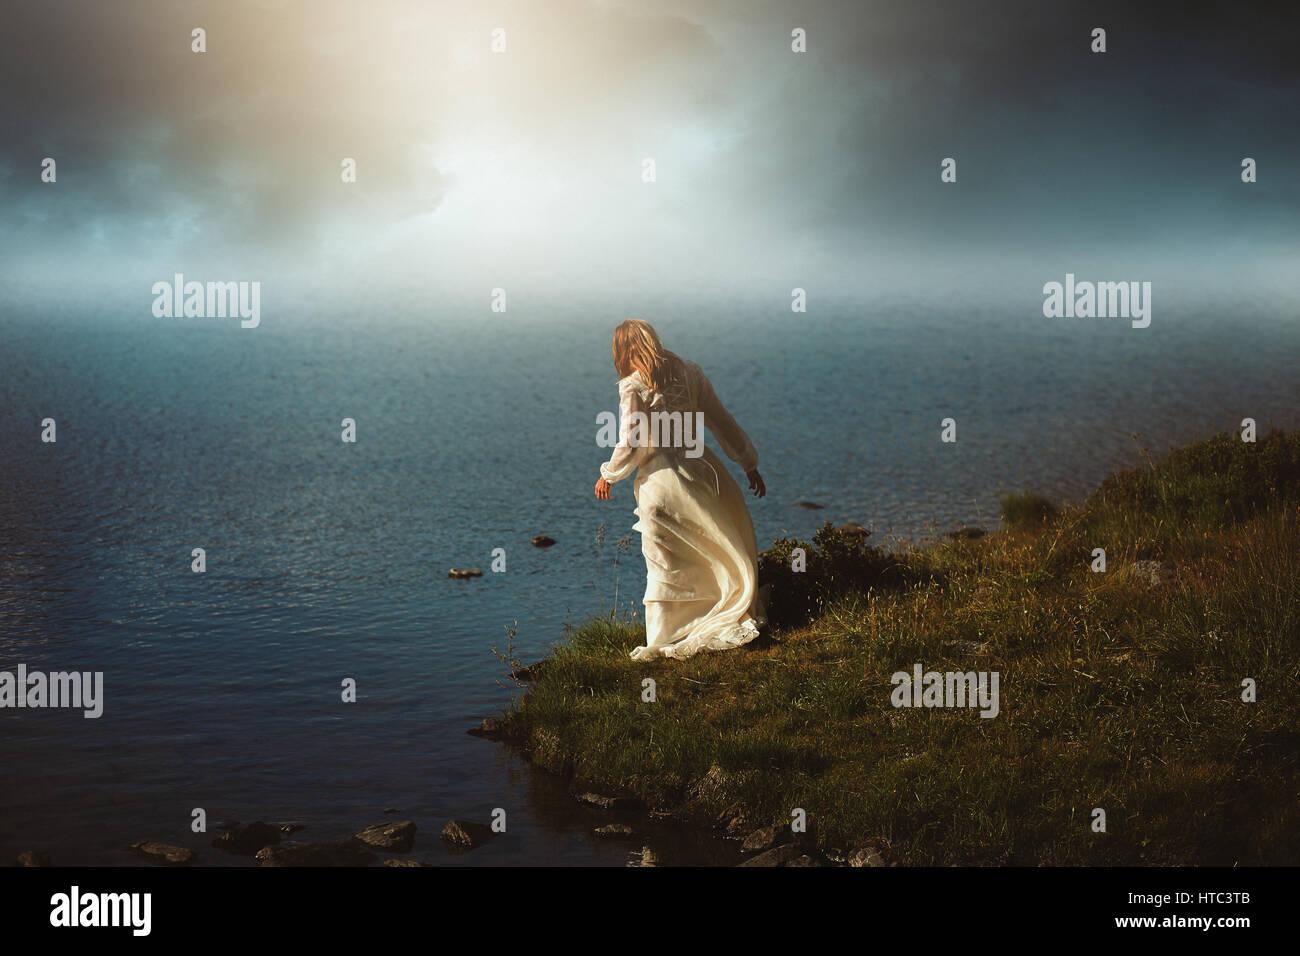 Frau surreale Gewässer betrachten. Fotomanipulation mit verträumten Farben Stockbild